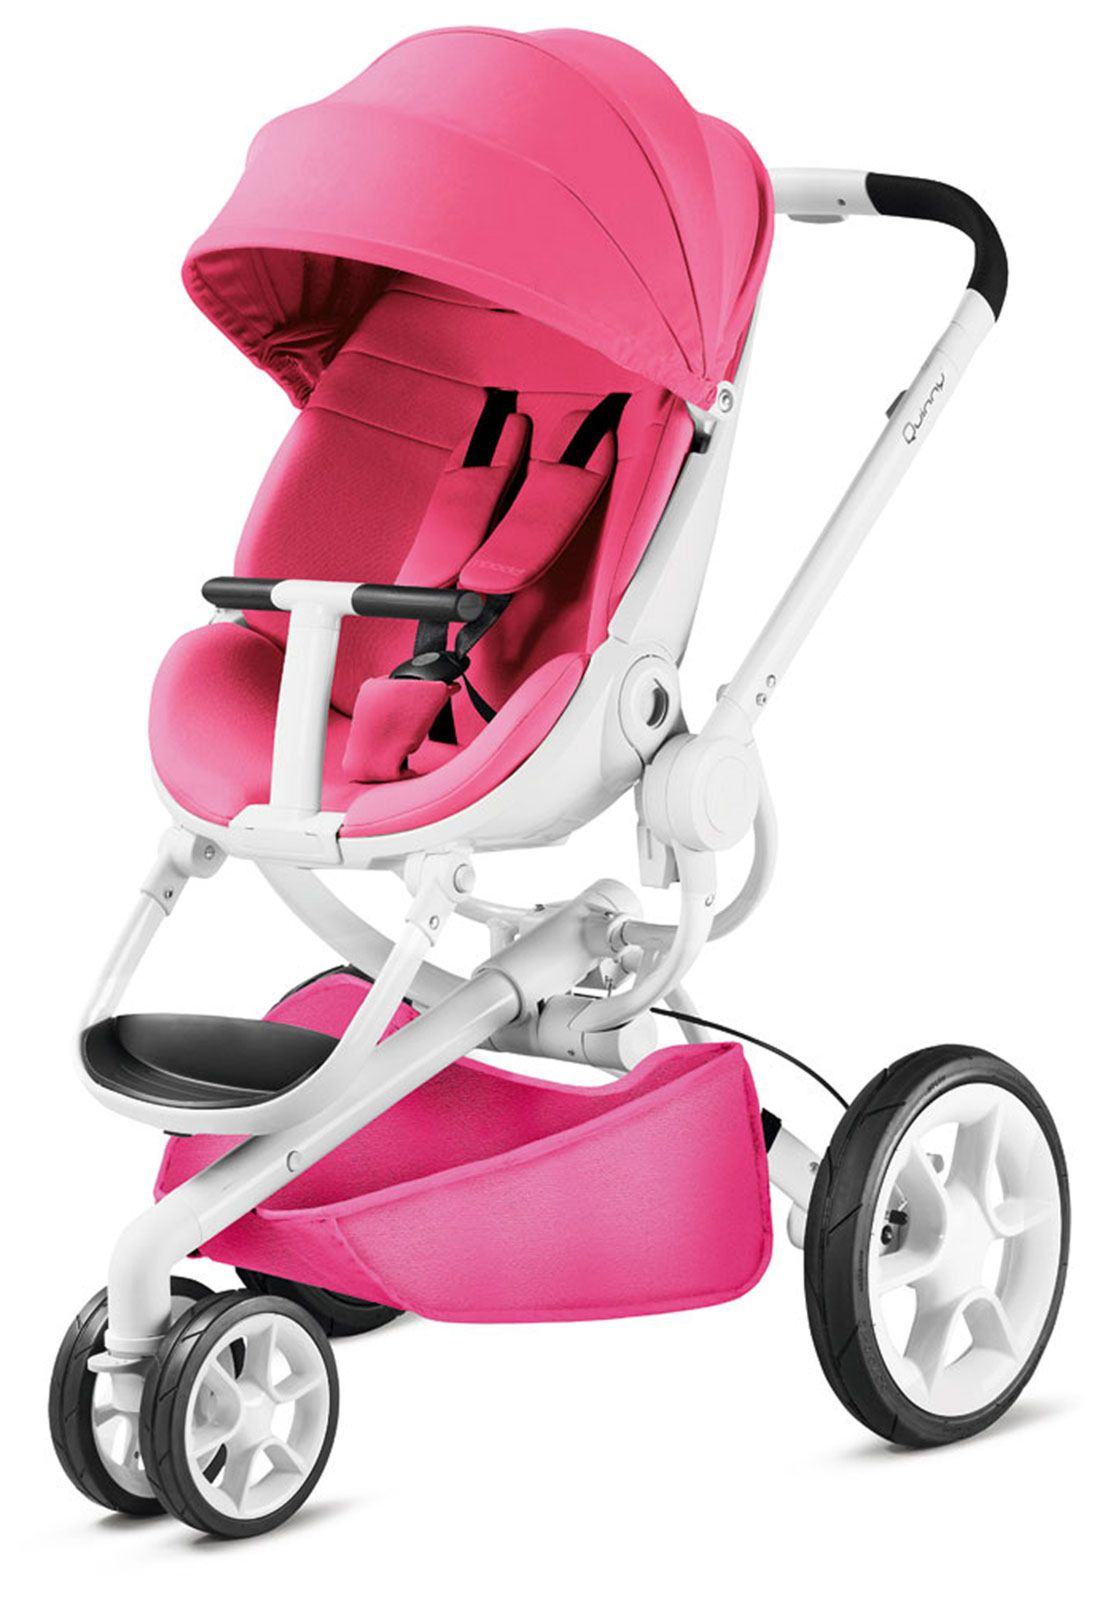 94c38c3b7 Carrinho De Bebê 3 Rodas Moodd Pink Passion Quinny